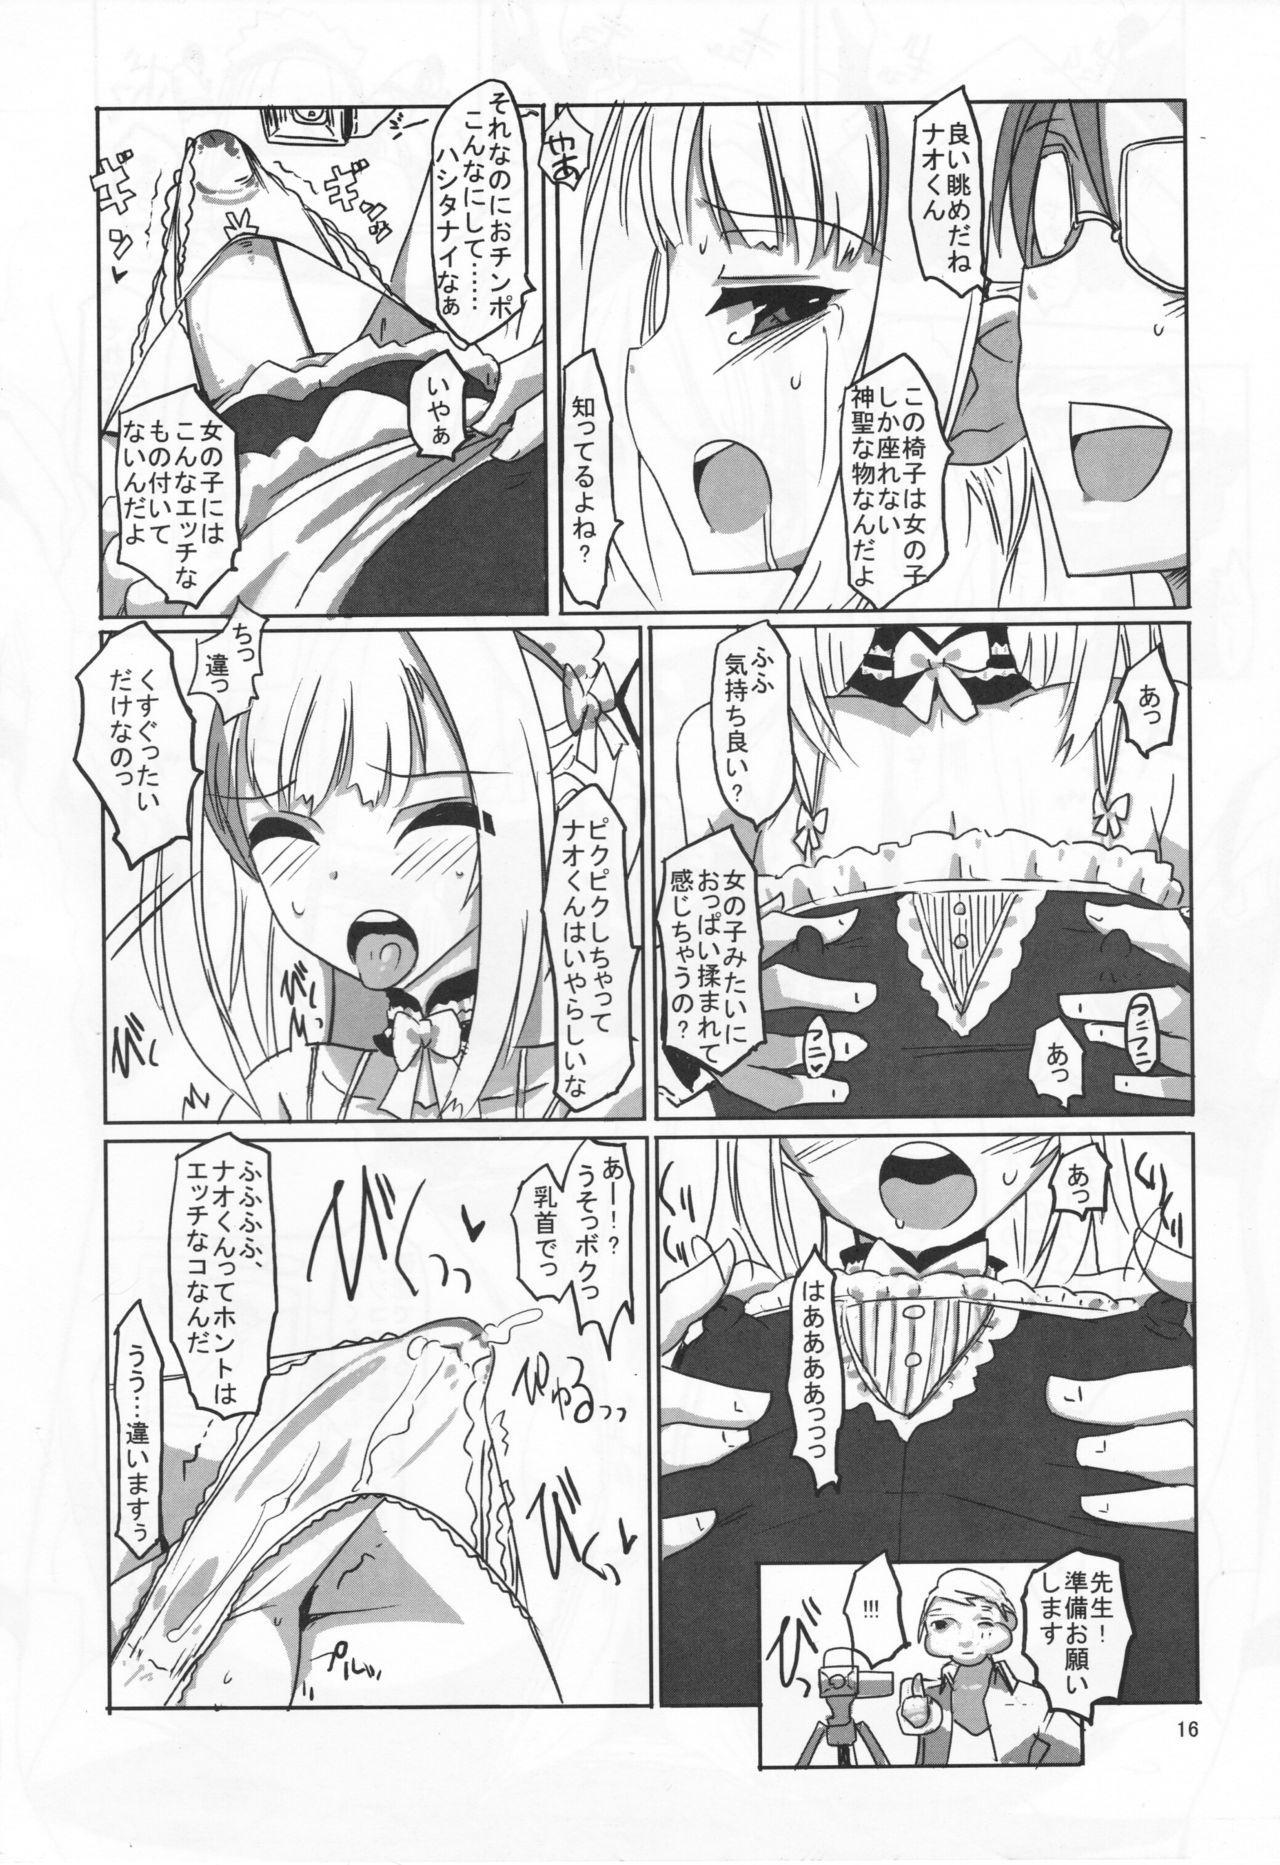 Sakurairo Shounen Sabou 8 14